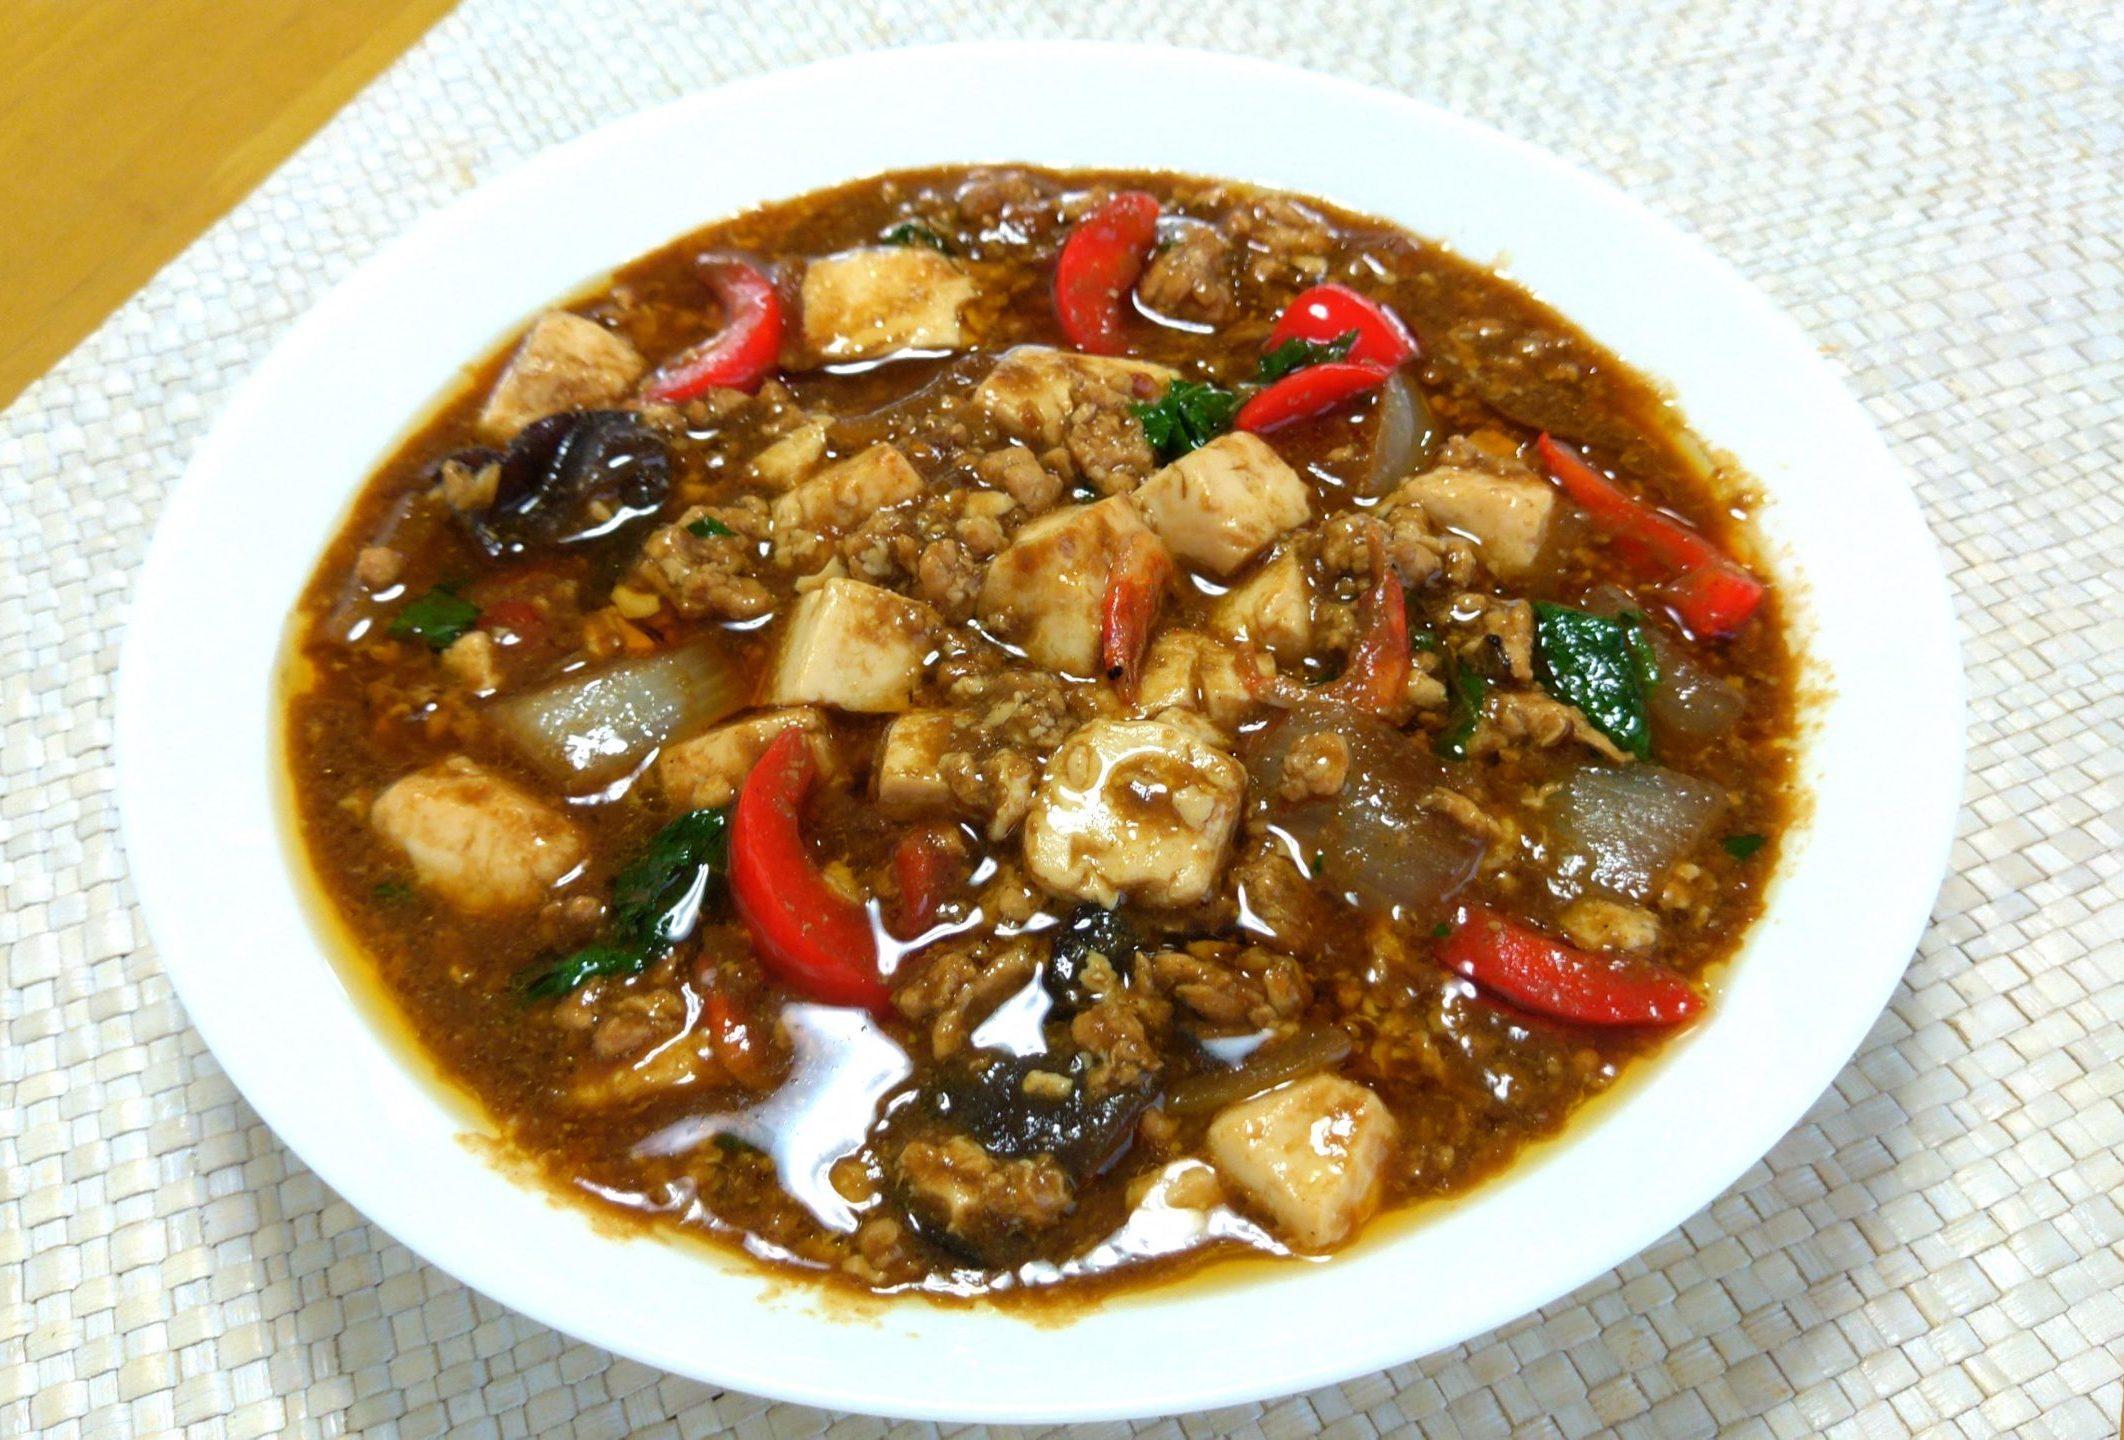 鶏ひき肉スパイシーマーボー豆腐